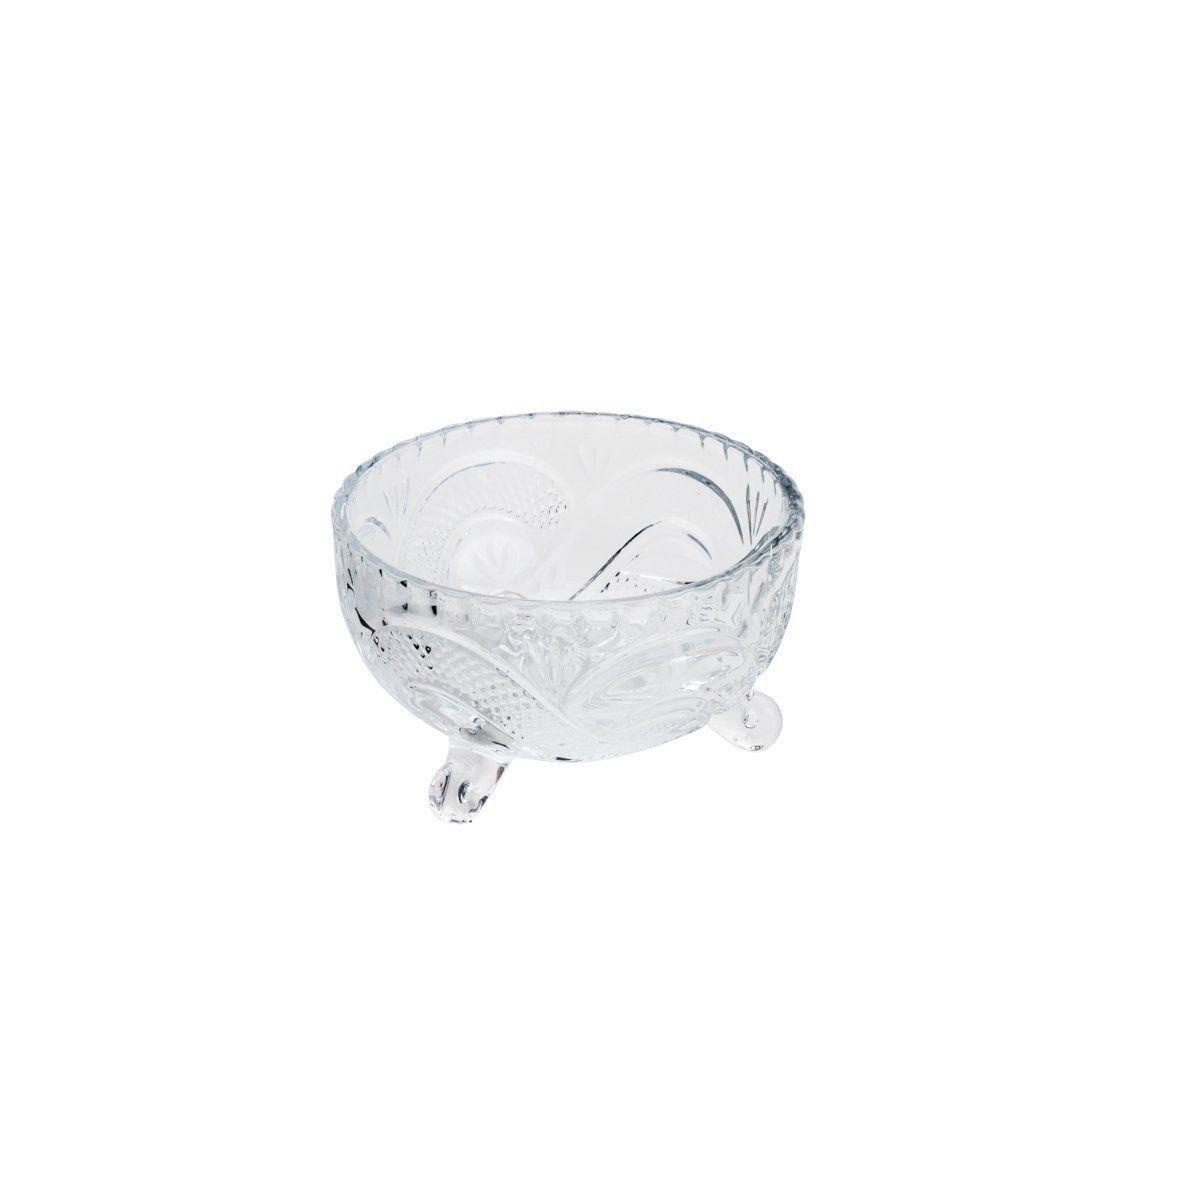 Conjunto de Bowls para Sobremesa Wolff Glory em Cristal Transparente 26812 - 7 Peças